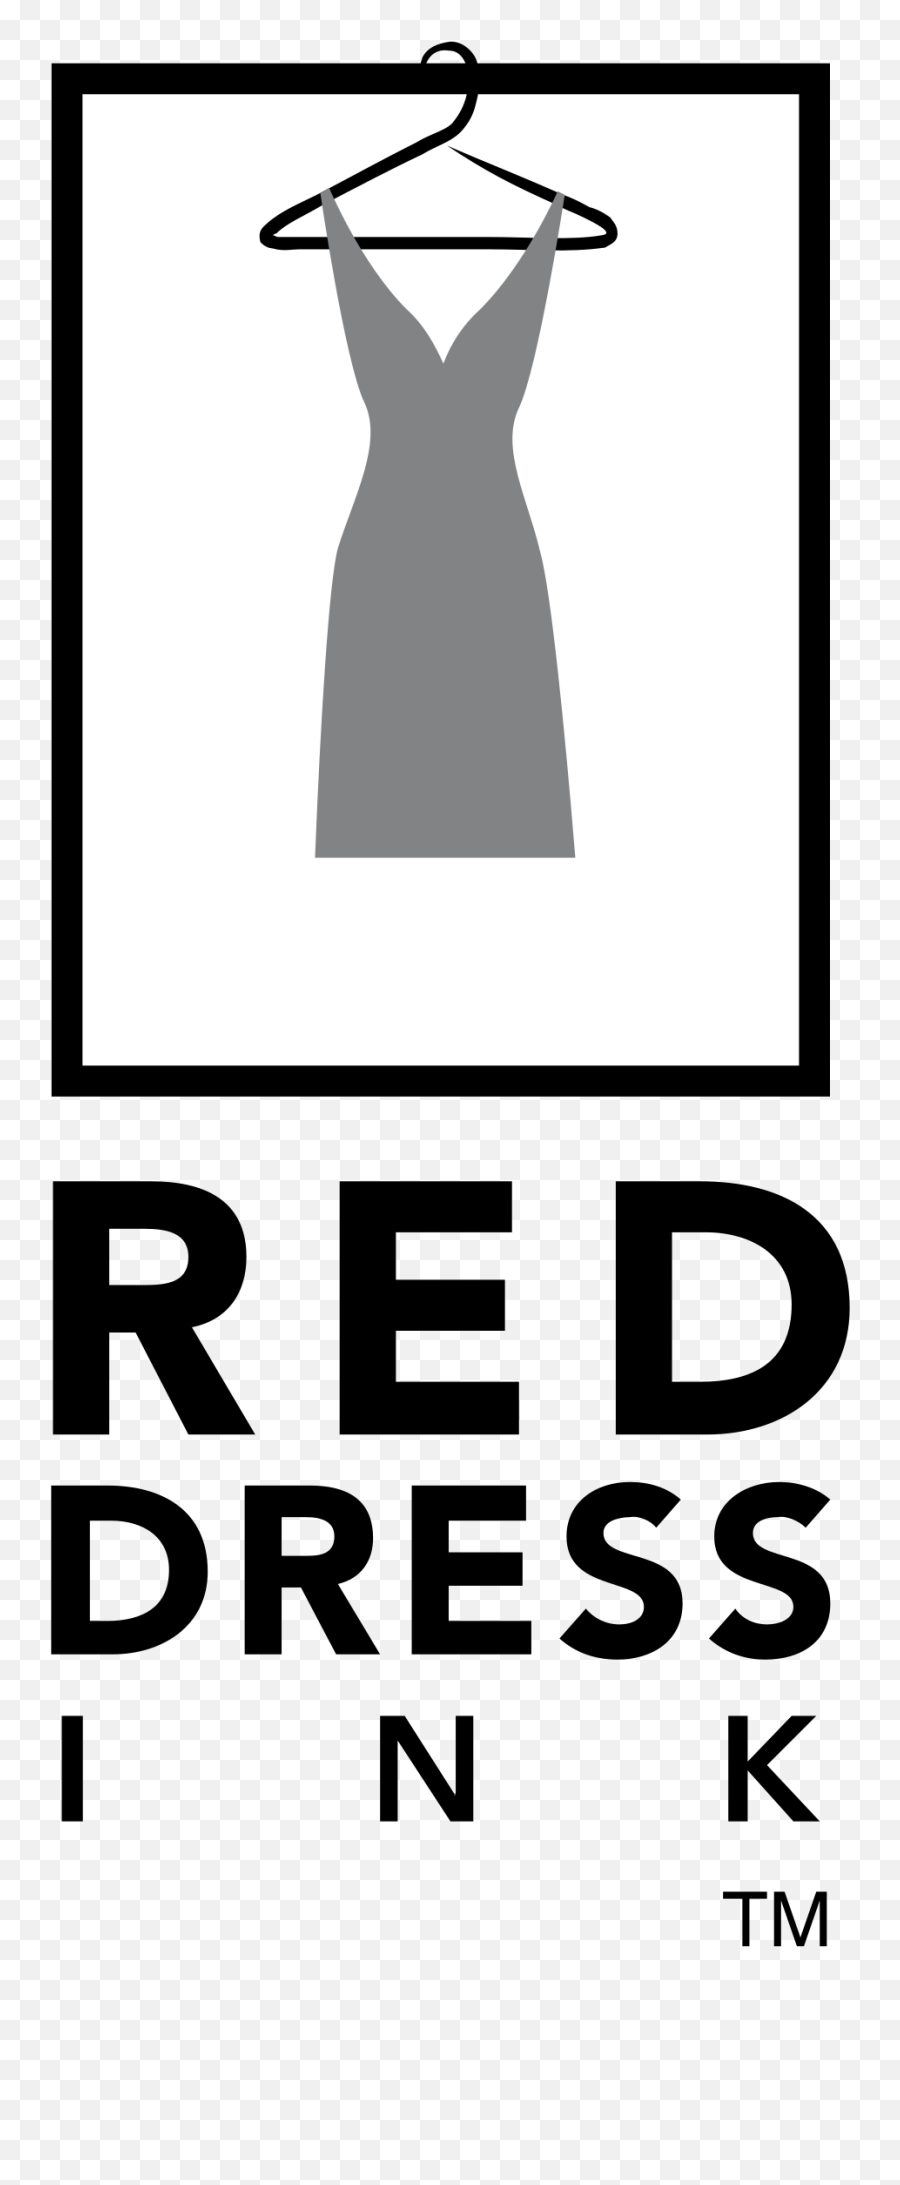 Red Dress Ink Logo Png Transparent - Banner,Red Dress Png